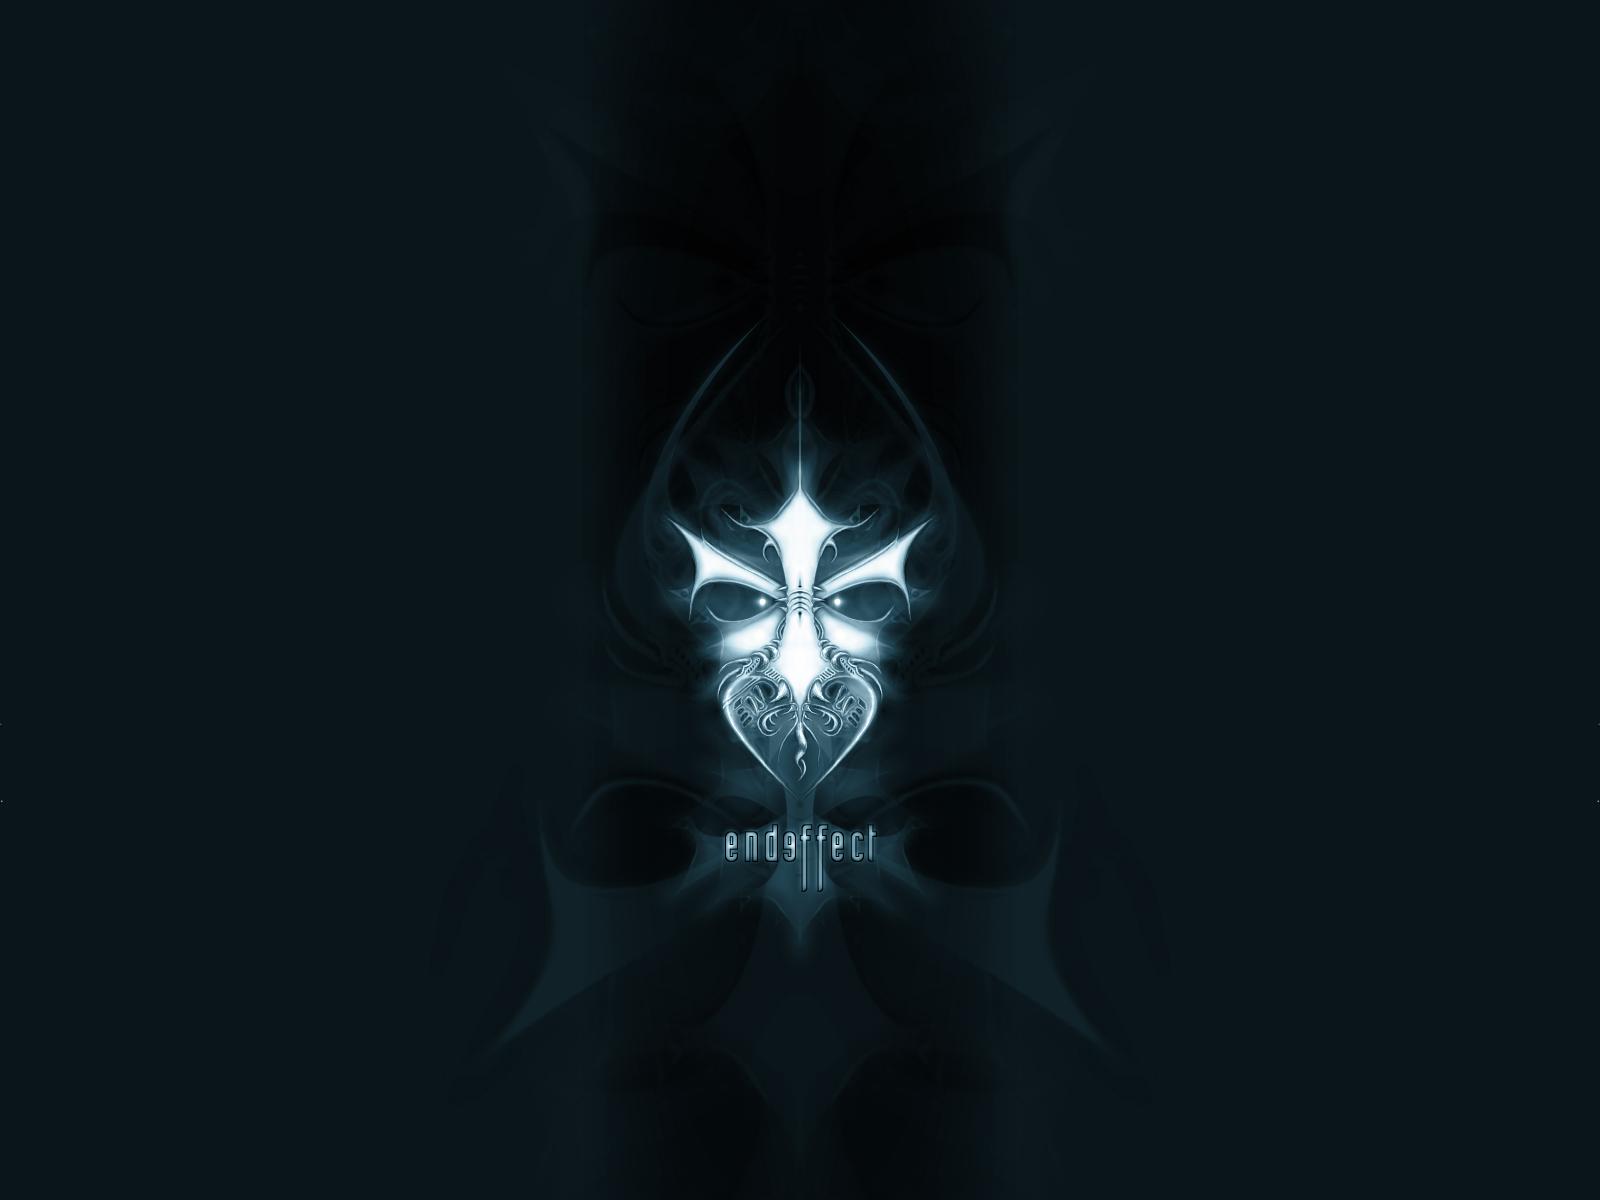 Fantasy Forest 3d Desktop Wallpaper Gothic Amp Dark Wallpapers Download Free Dark Gothic